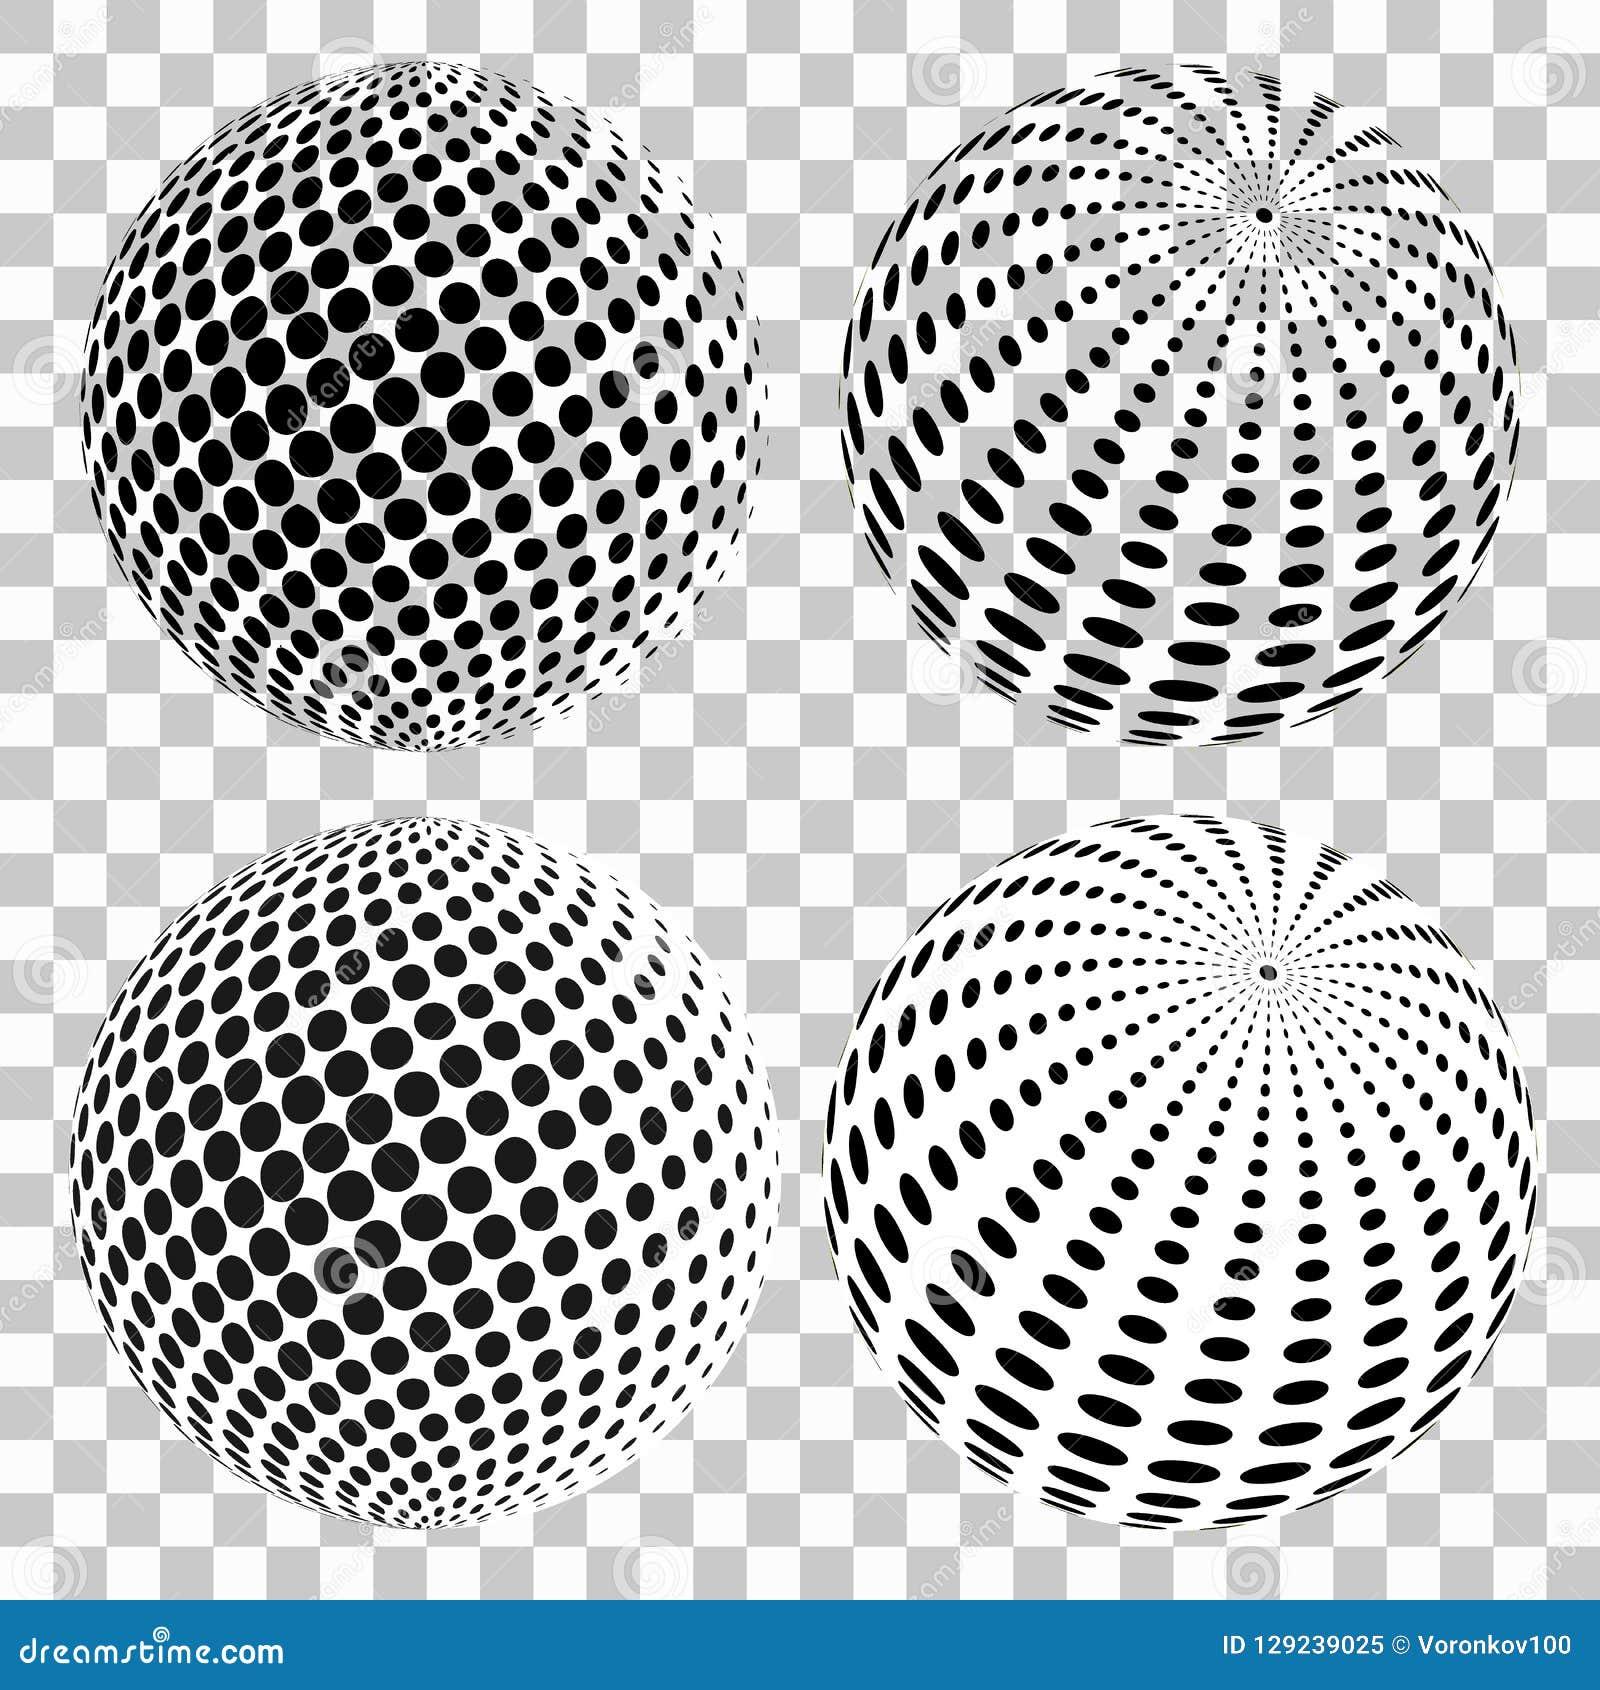 Комплект полутонового изображения 3D ставит точки сферы, на изолированной прозрачной предпосылке штольн элементов конструкции моя